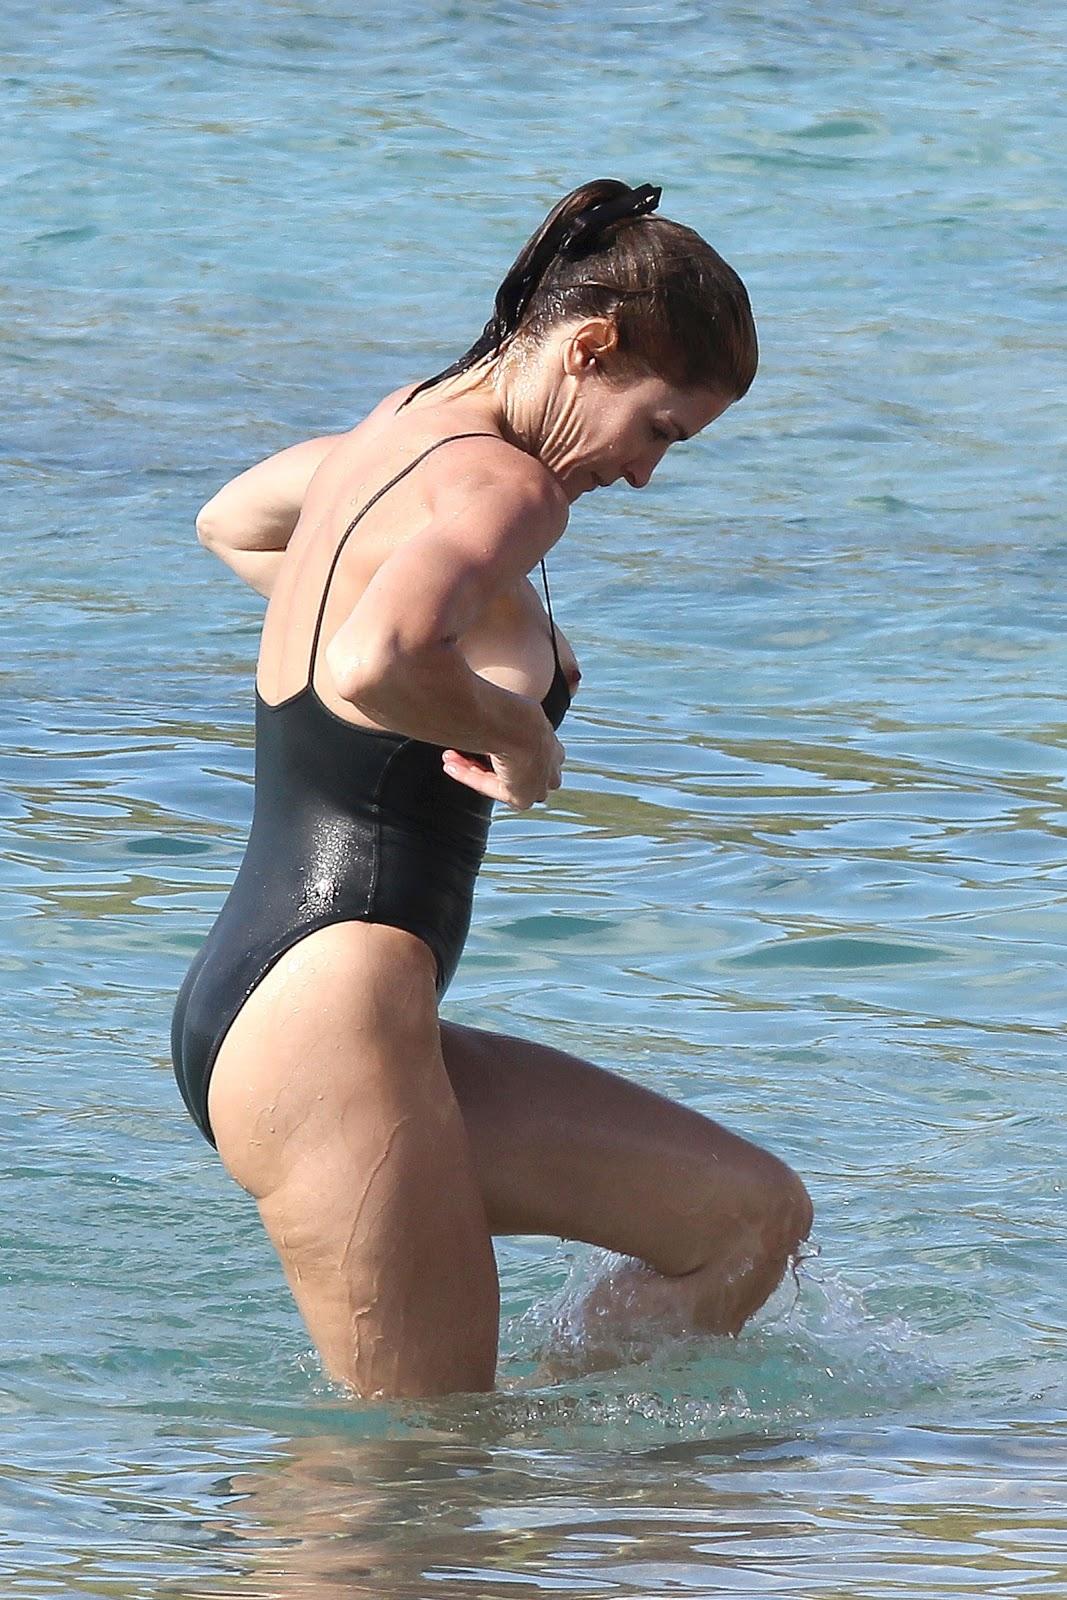 http://3.bp.blogspot.com/-0-_dxyq_IR4/UN6Ndje_xeI/AAAAAAABSXc/fzCHWkqTMWw/s1600/Stephanie-Seymour-21.jpg